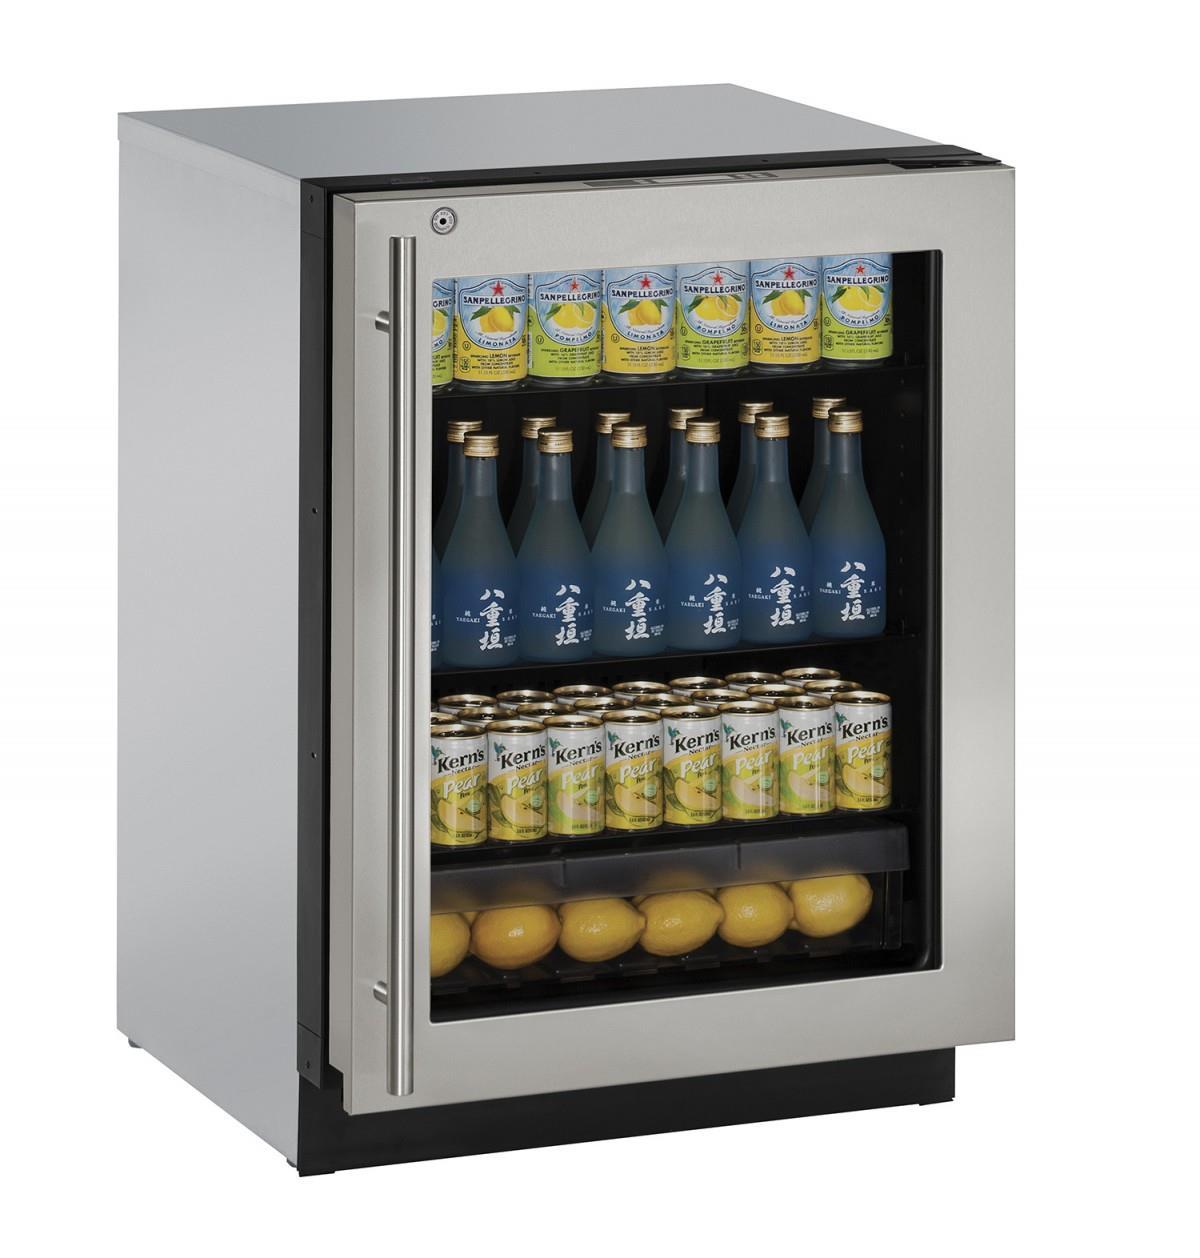 """U-Line Refrigerators 24"""" Glass Door Compact Refrigerator - Item Number: U-3024RGLS-13A"""